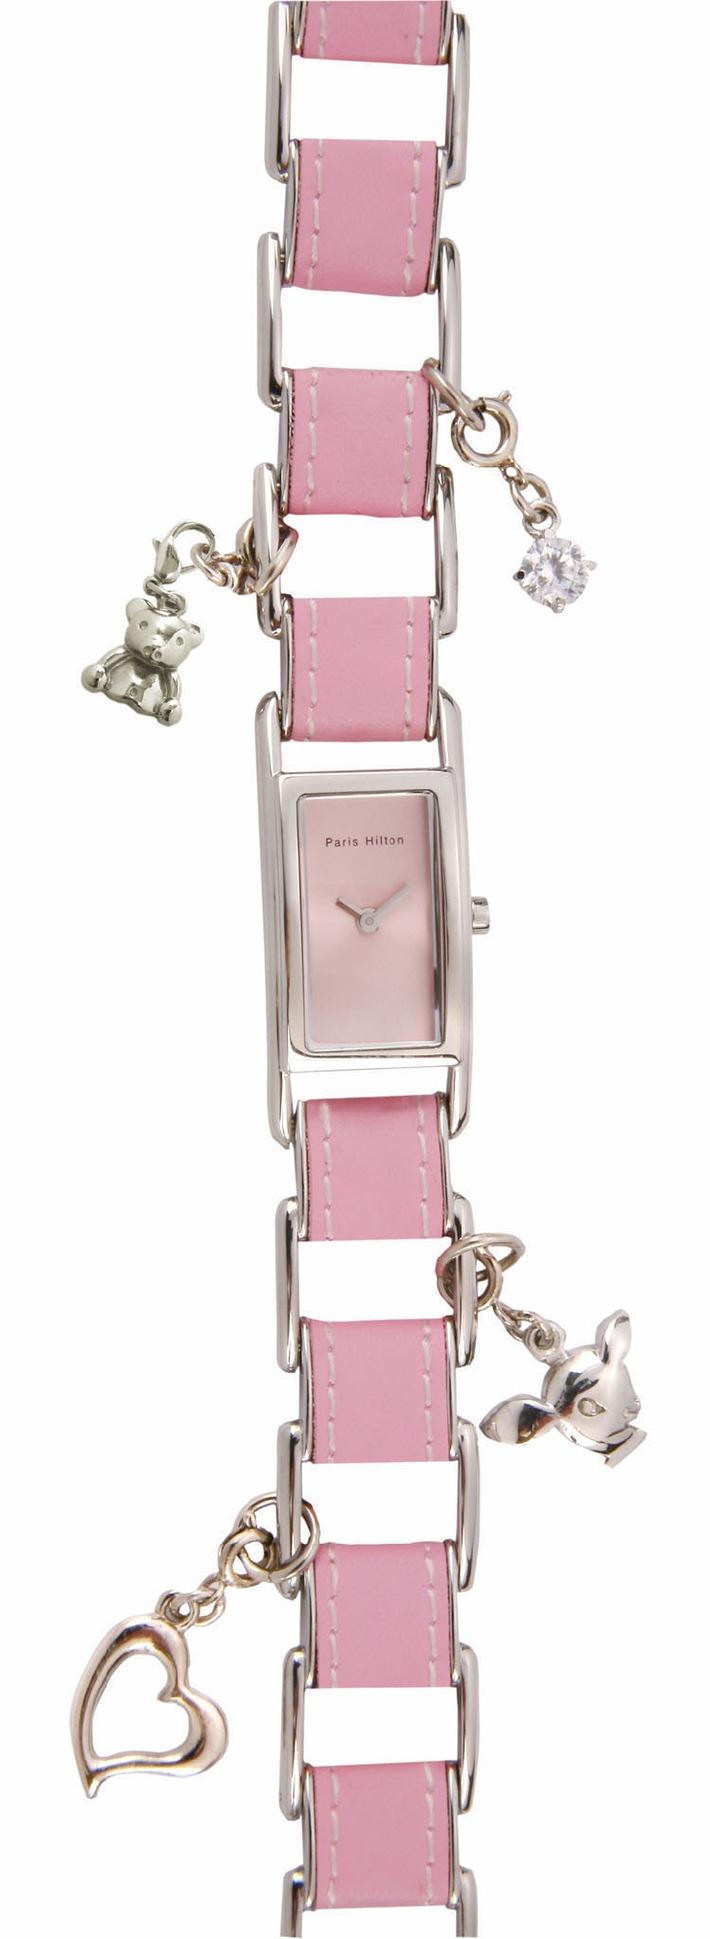 Paris Hilton lance sa propre collection de montres - féminine, sexy et séduisante